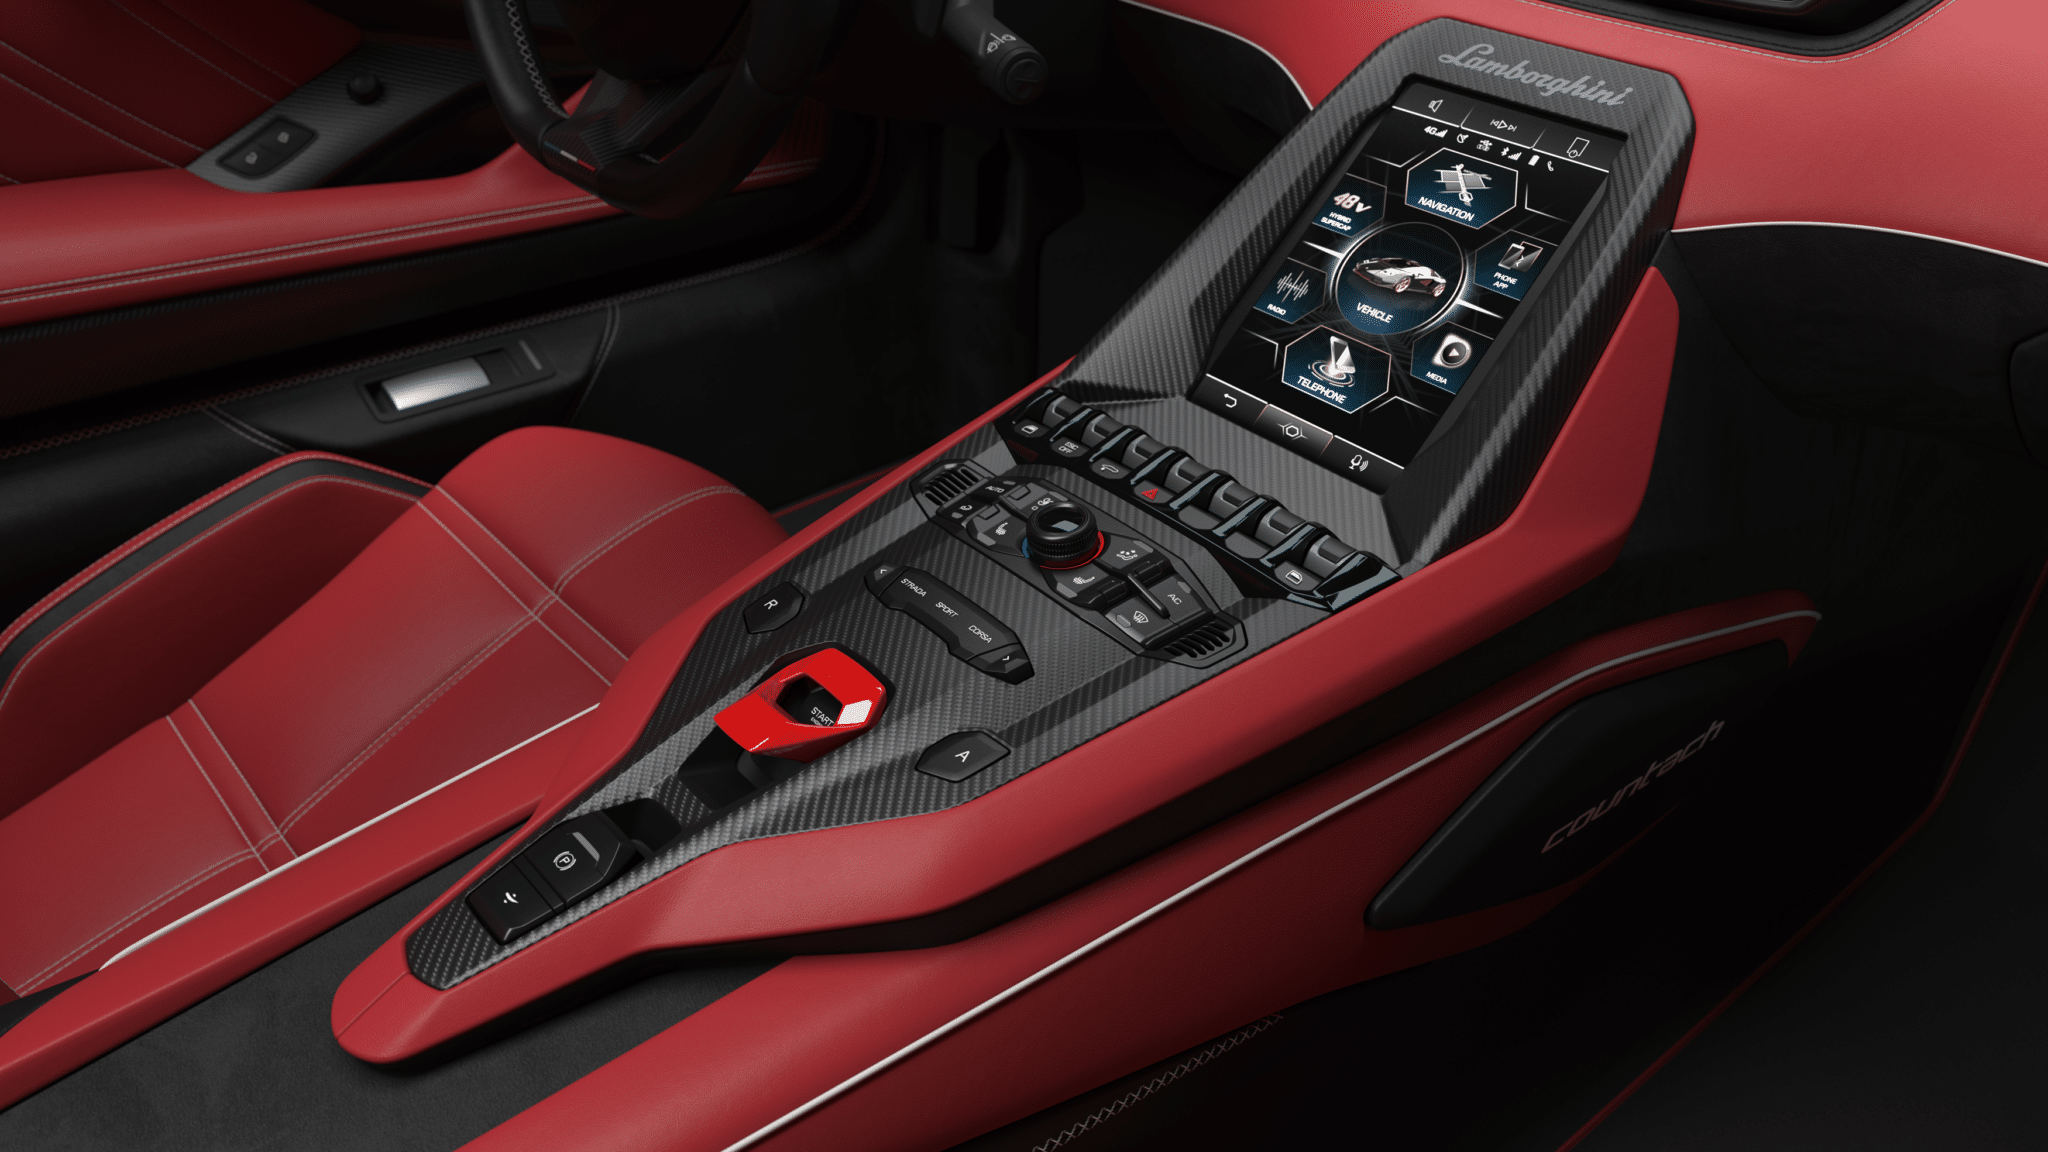 Gli interni della Lamborghini Countach - Crediti foto: ufficio stampa Lamborghini